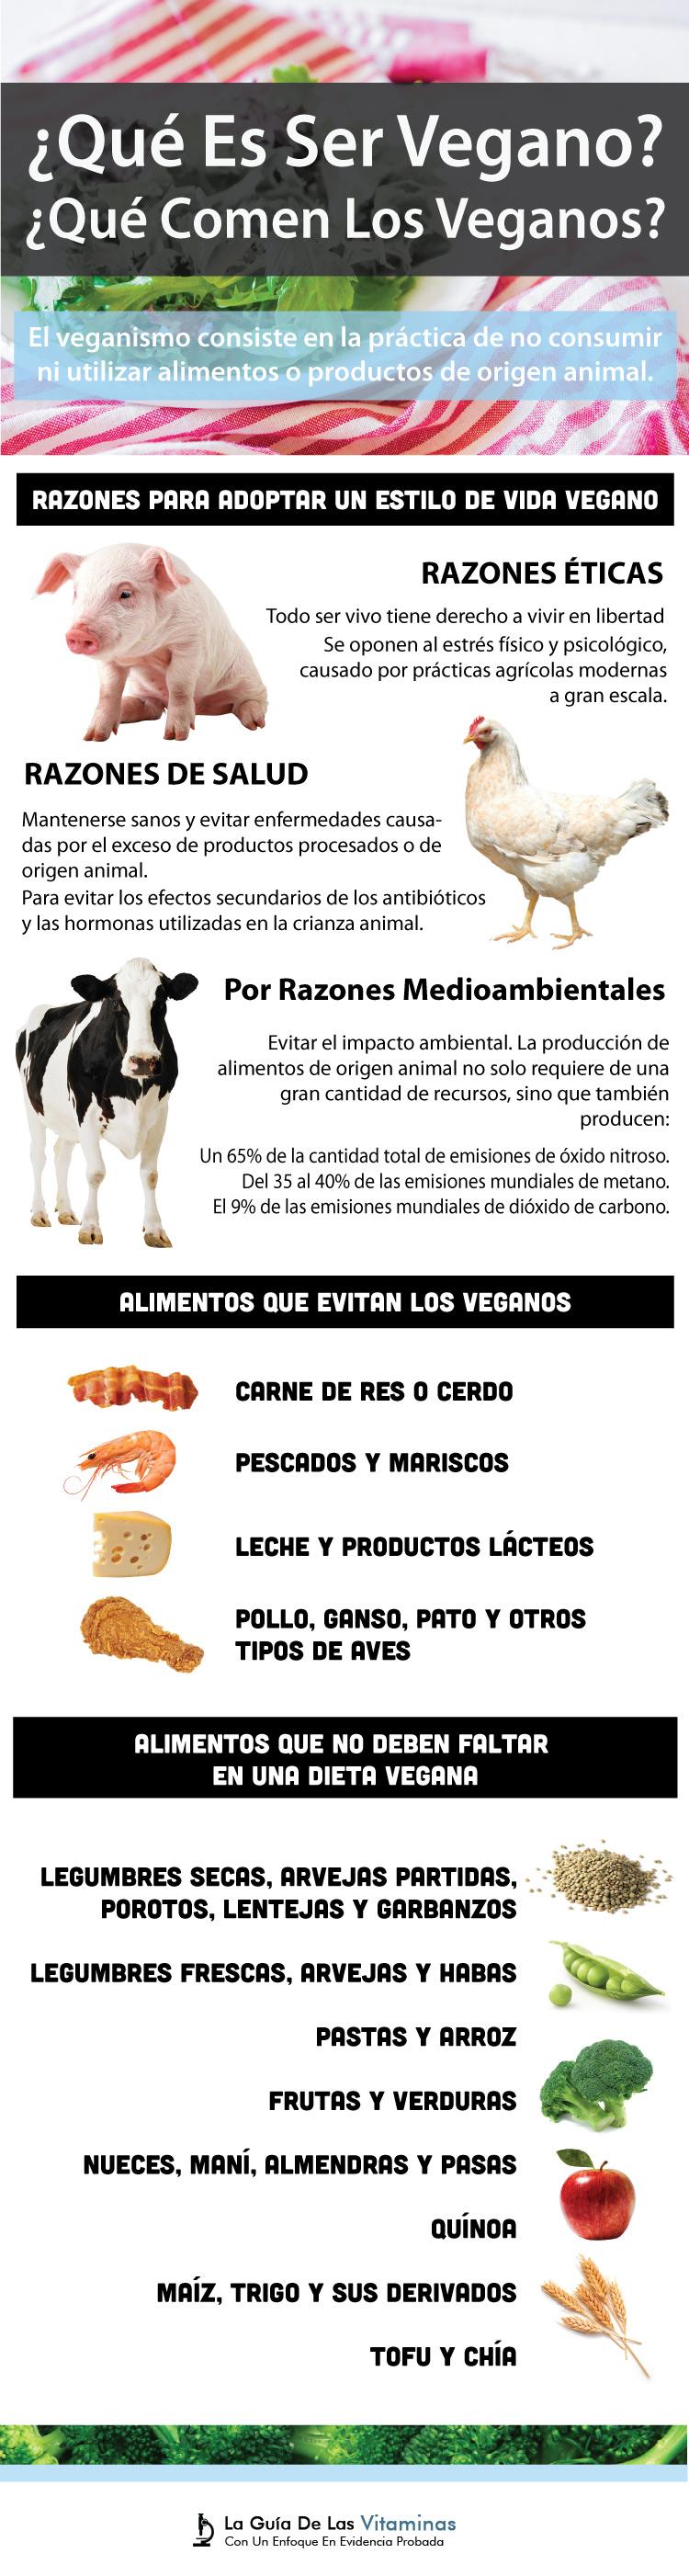 ¿Qué Es Vegano Y Qué Comen Los Veganos? - La Guía de las